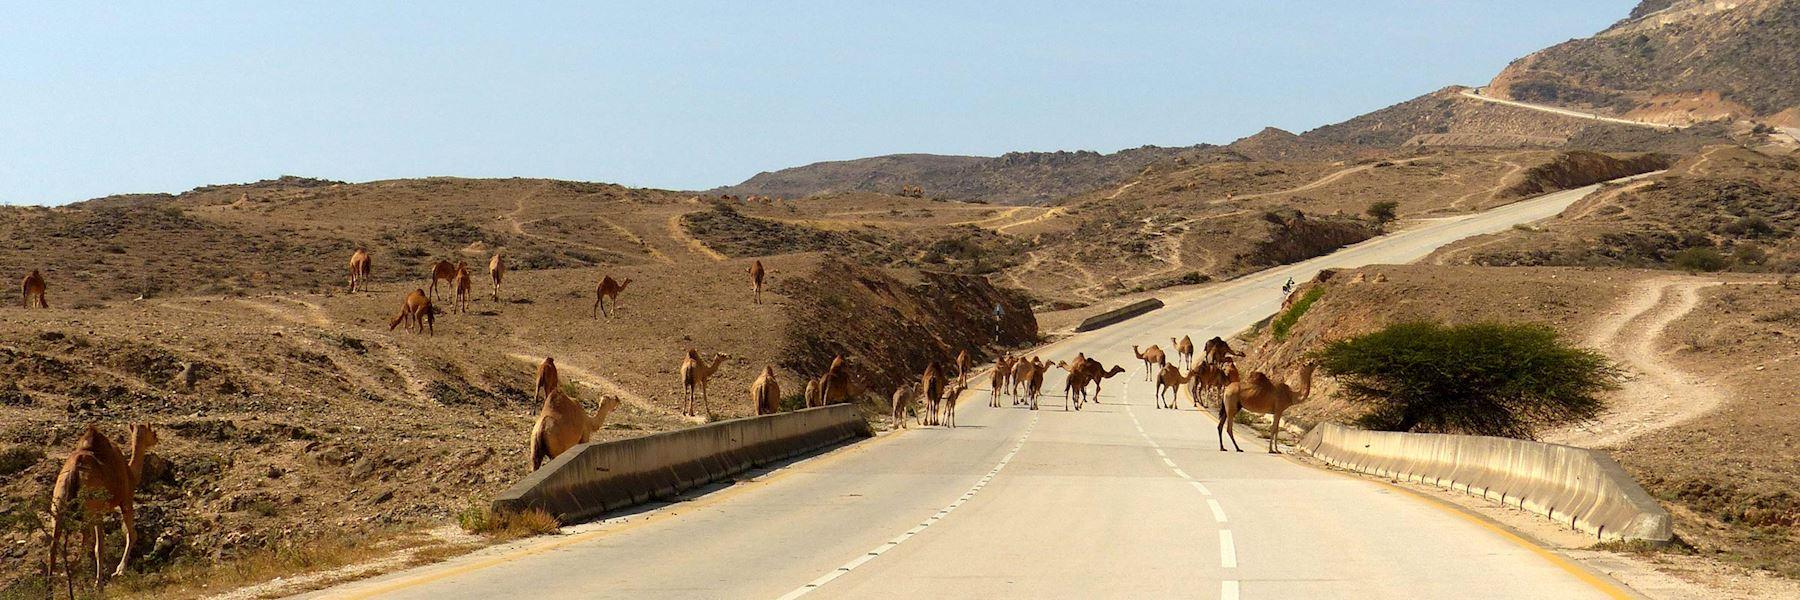 Visit Dhofar, Oman